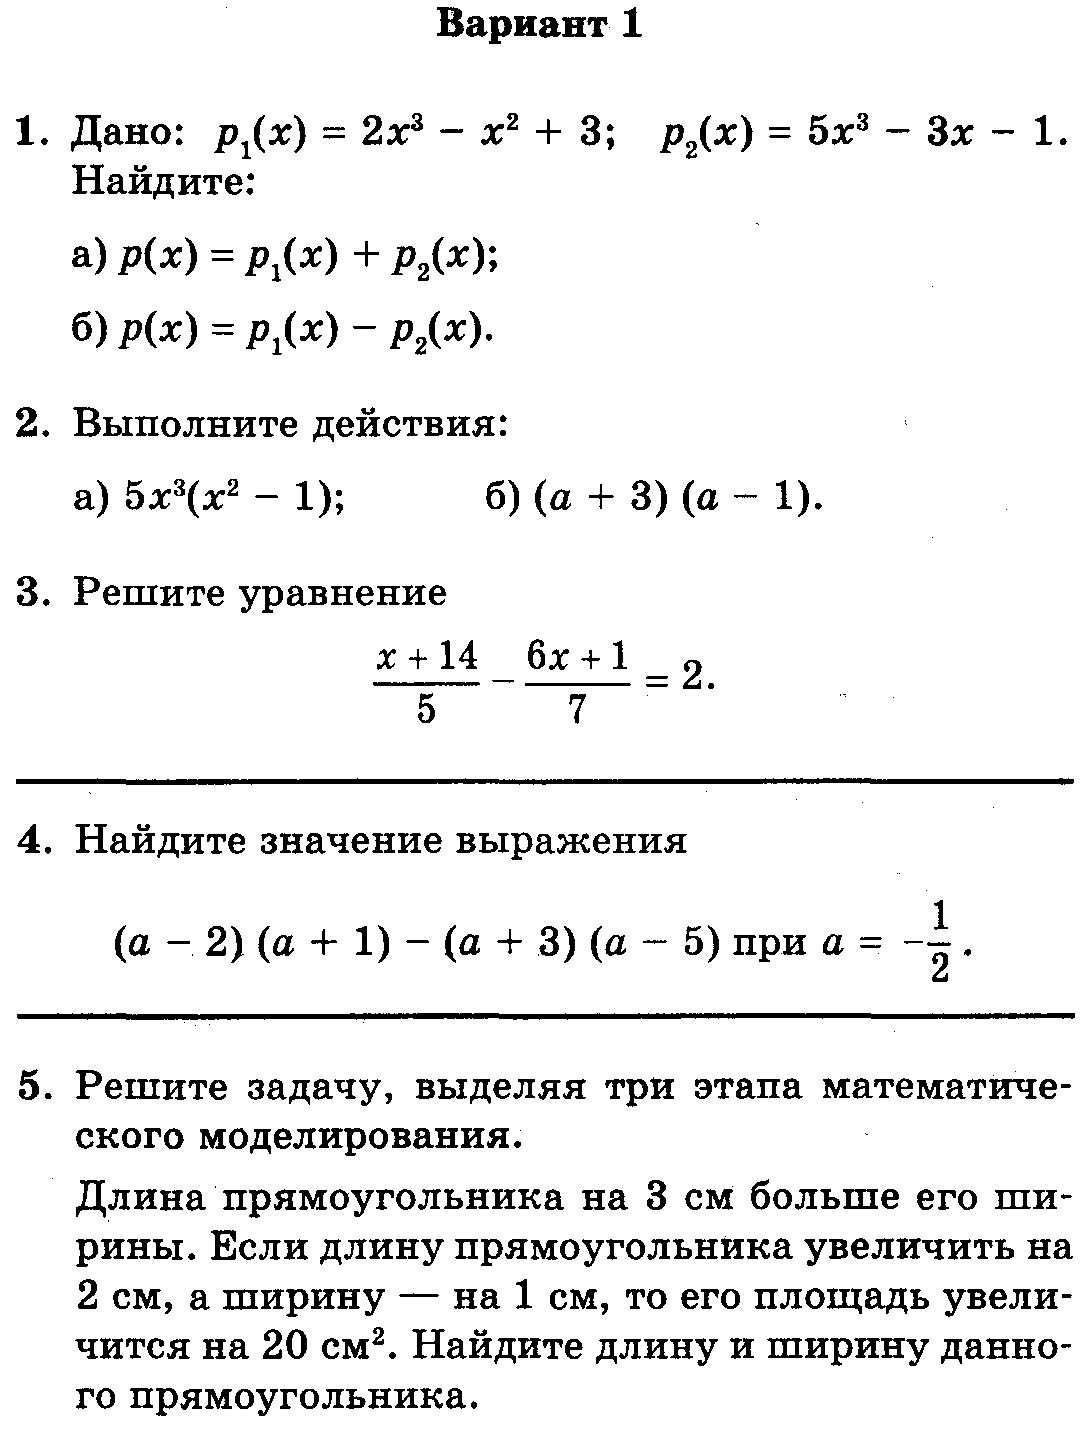 Контрольная работа по теме линейная алгебра 5702